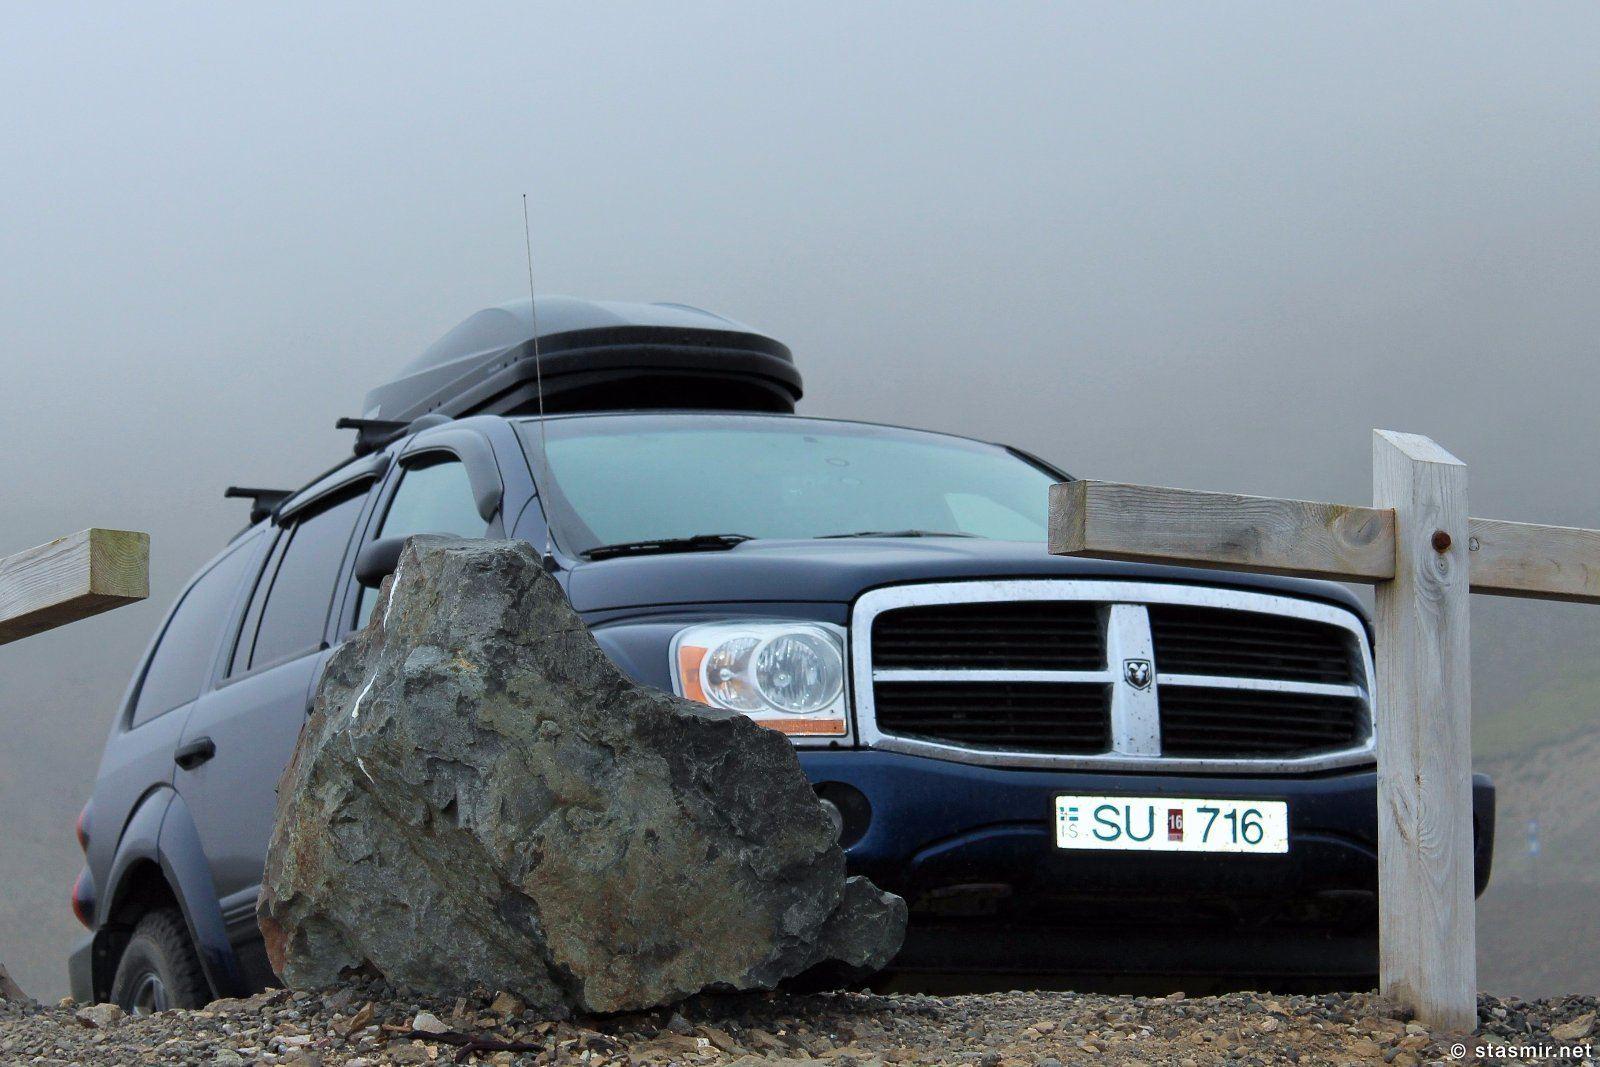 Джип Dodge Durango SU-716 в исландском тумане, фото Стасмир, Photo Stasmir